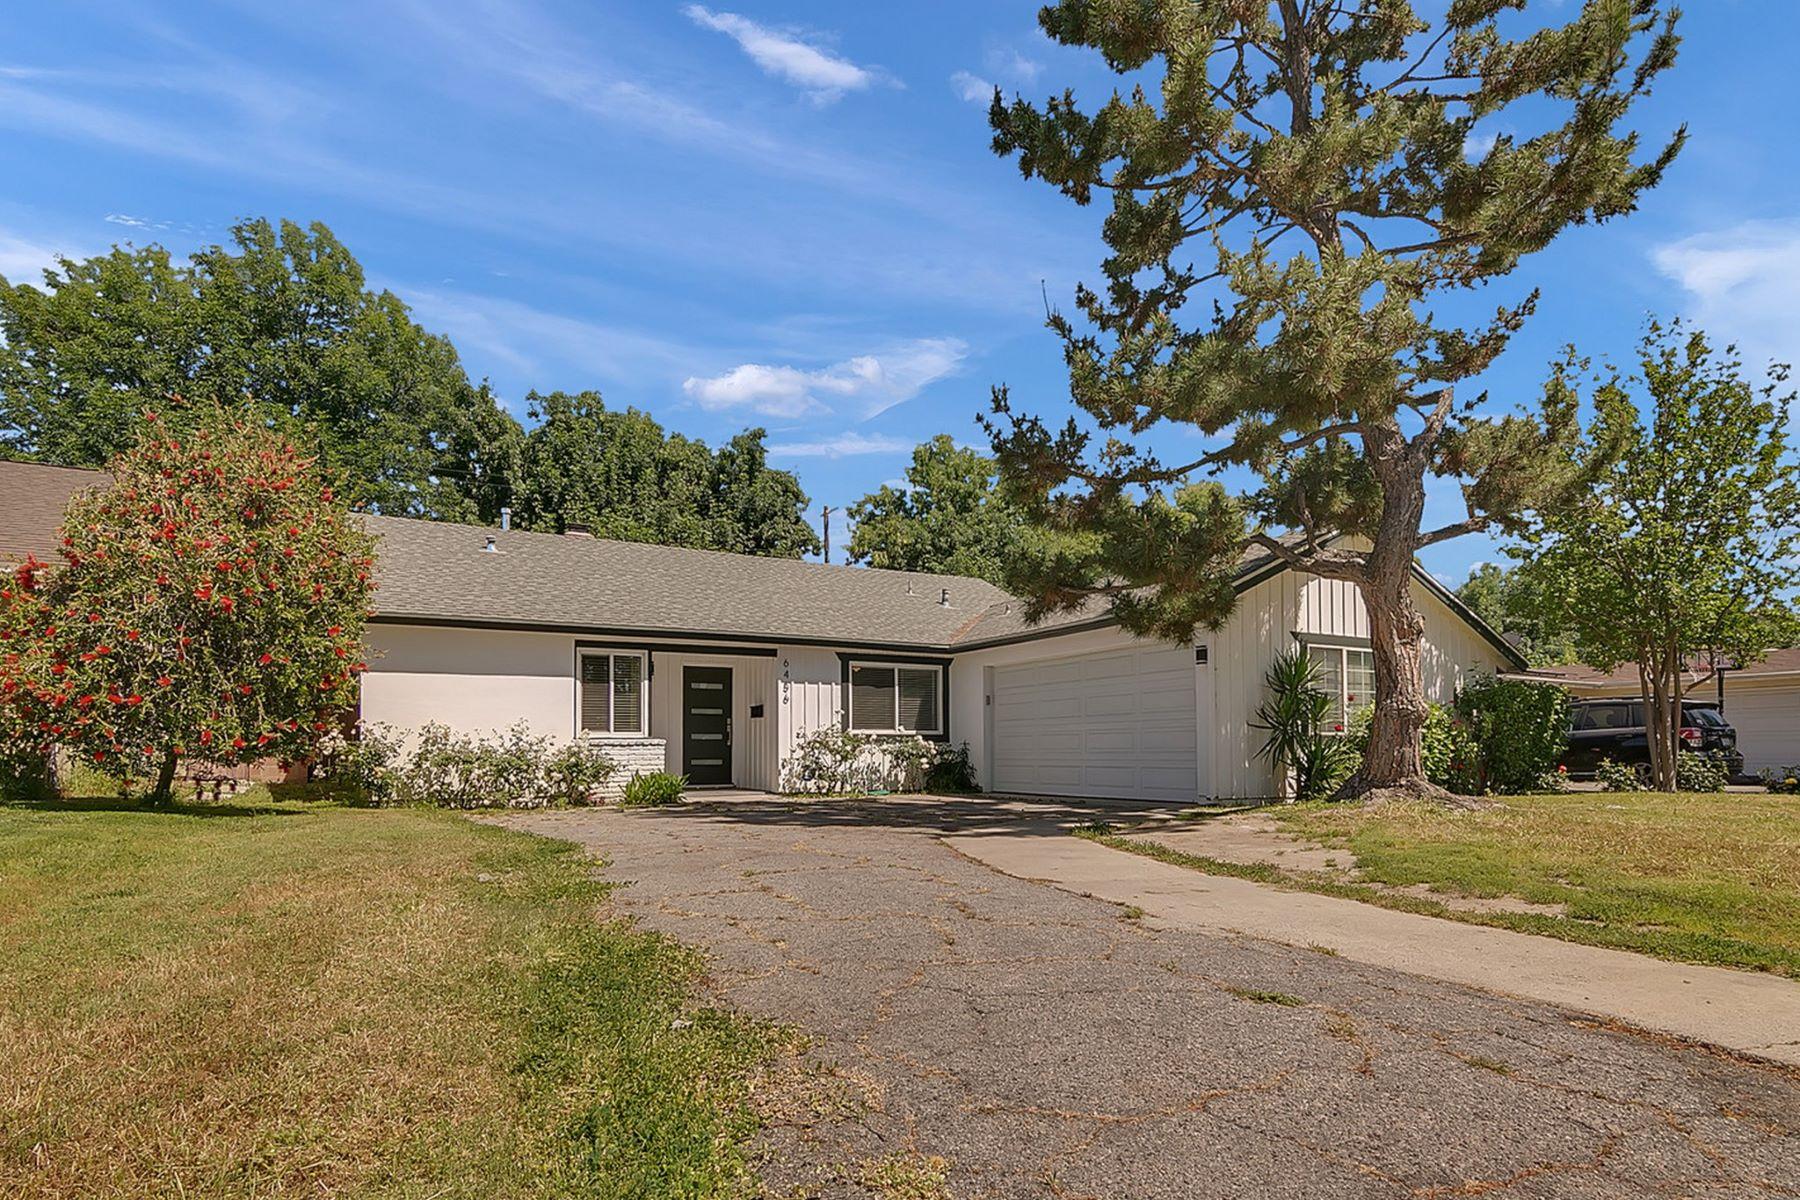 Single Family Homes for Active at 6456 Aldea Avenue Lake Balboa, California 91406 United States